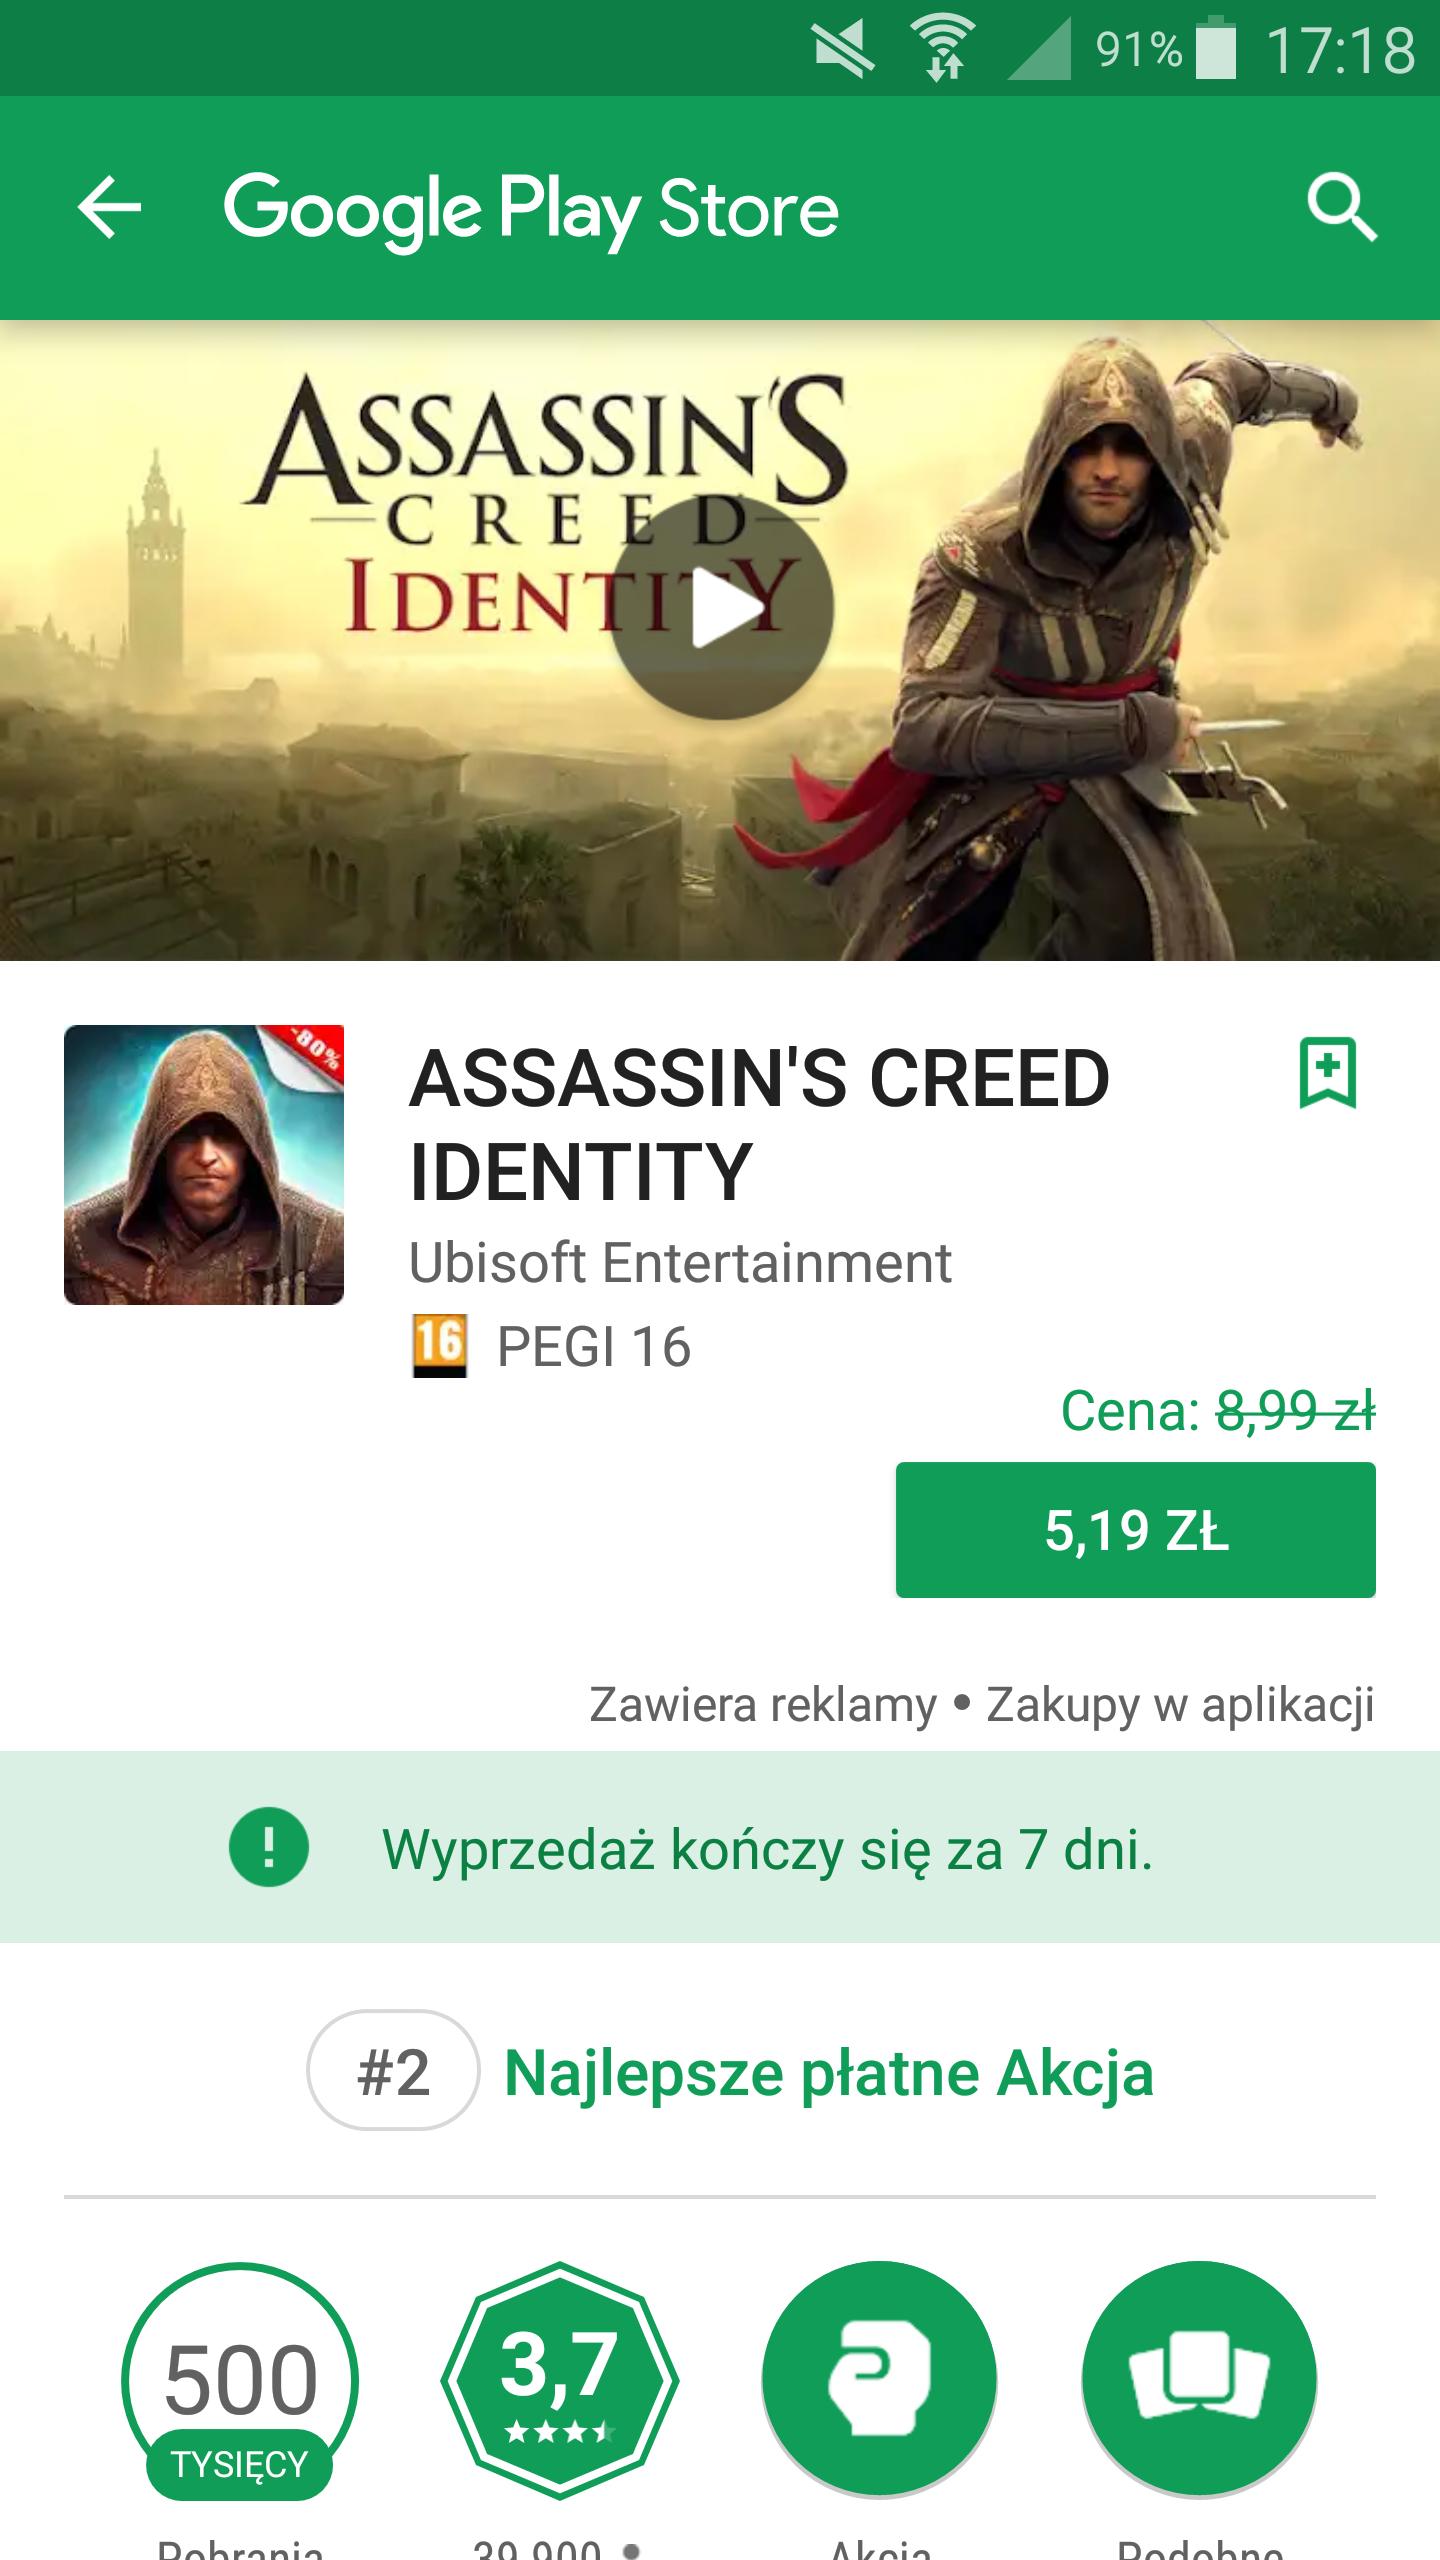 Assassin's creed identity . Google play